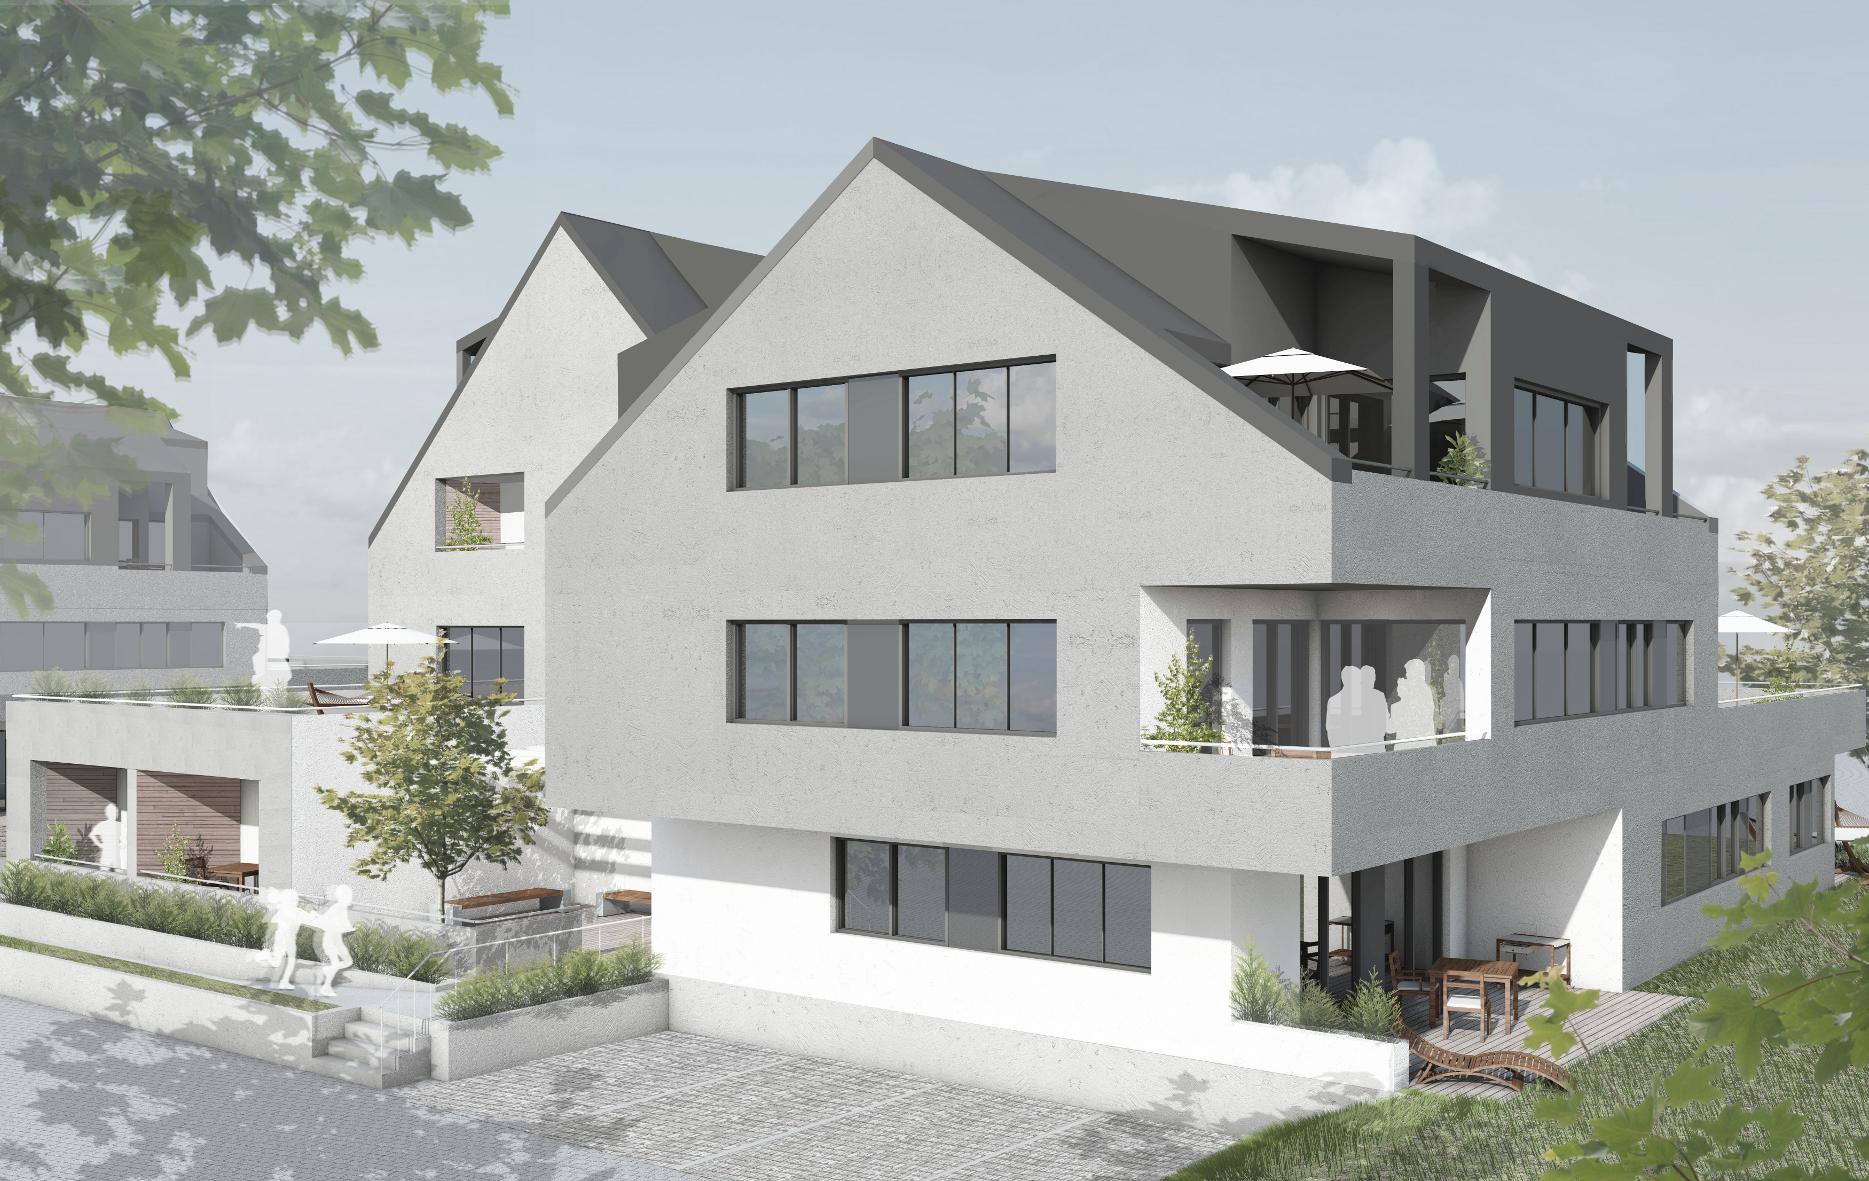 immobiliencheck erleichtert haus und wohnungskauf aktion pro eigenheim. Black Bedroom Furniture Sets. Home Design Ideas